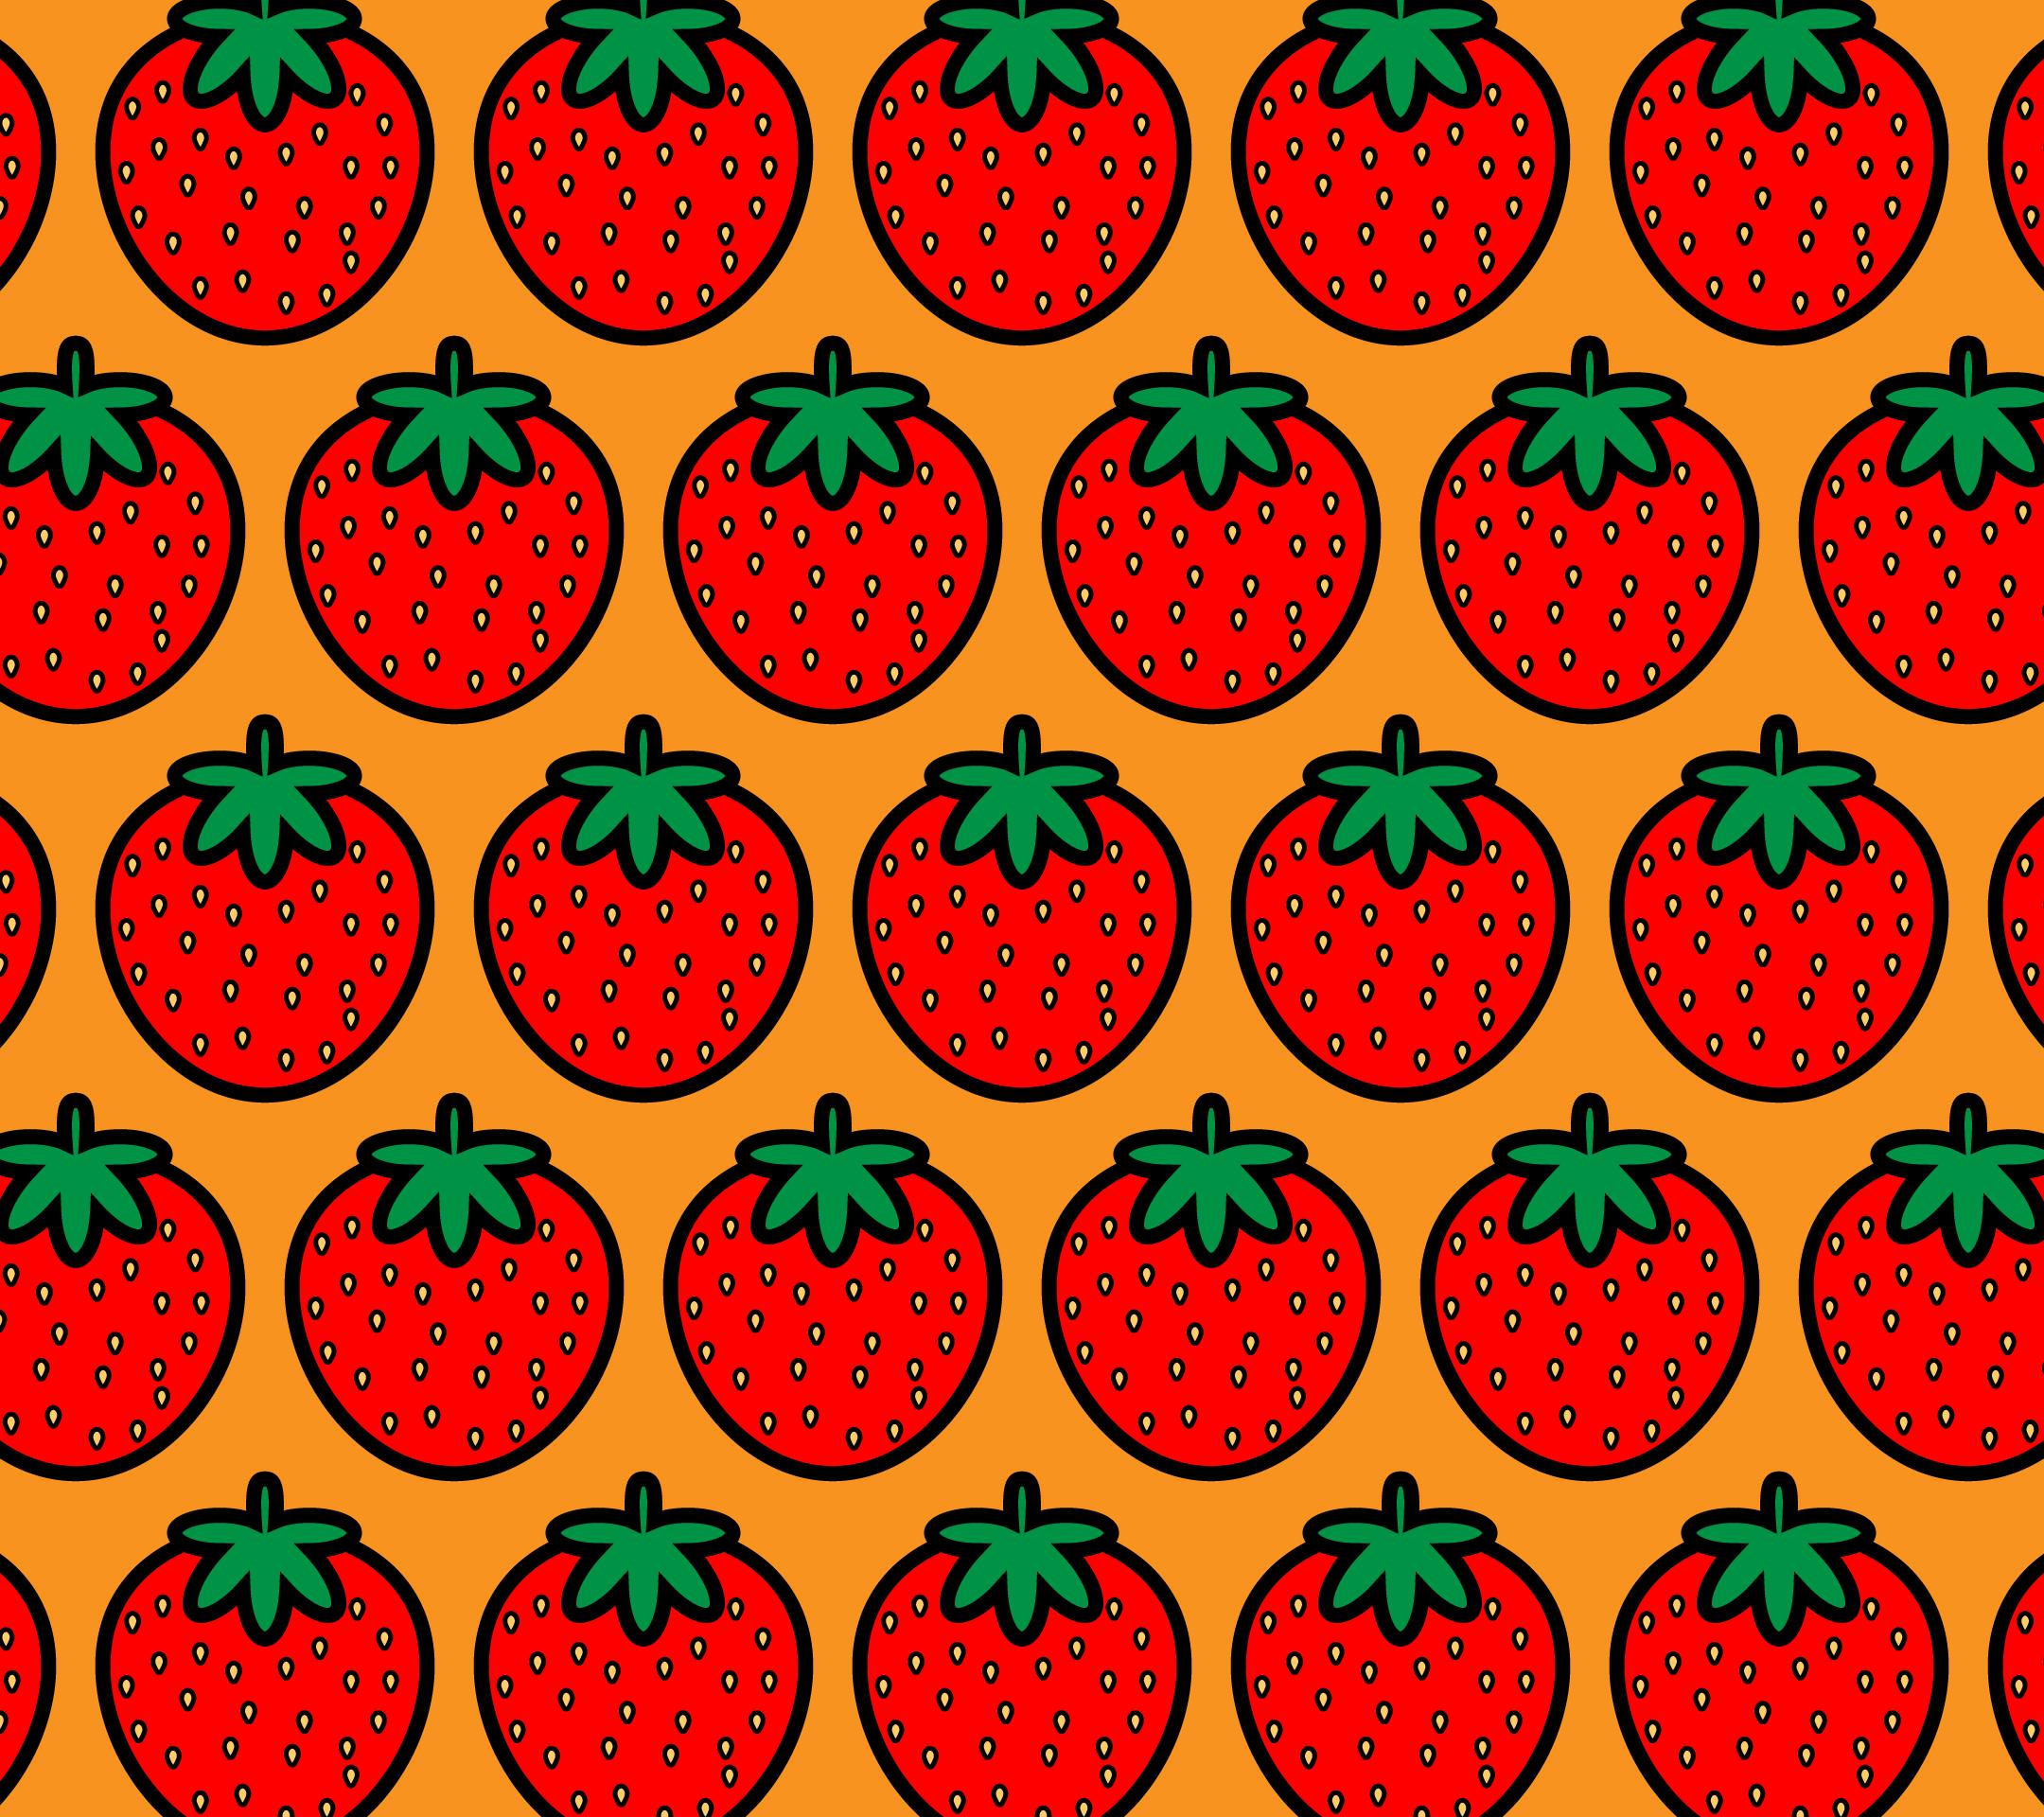 かわいいイチゴづくし壁紙(Android)の無料イラスト・商用フリー